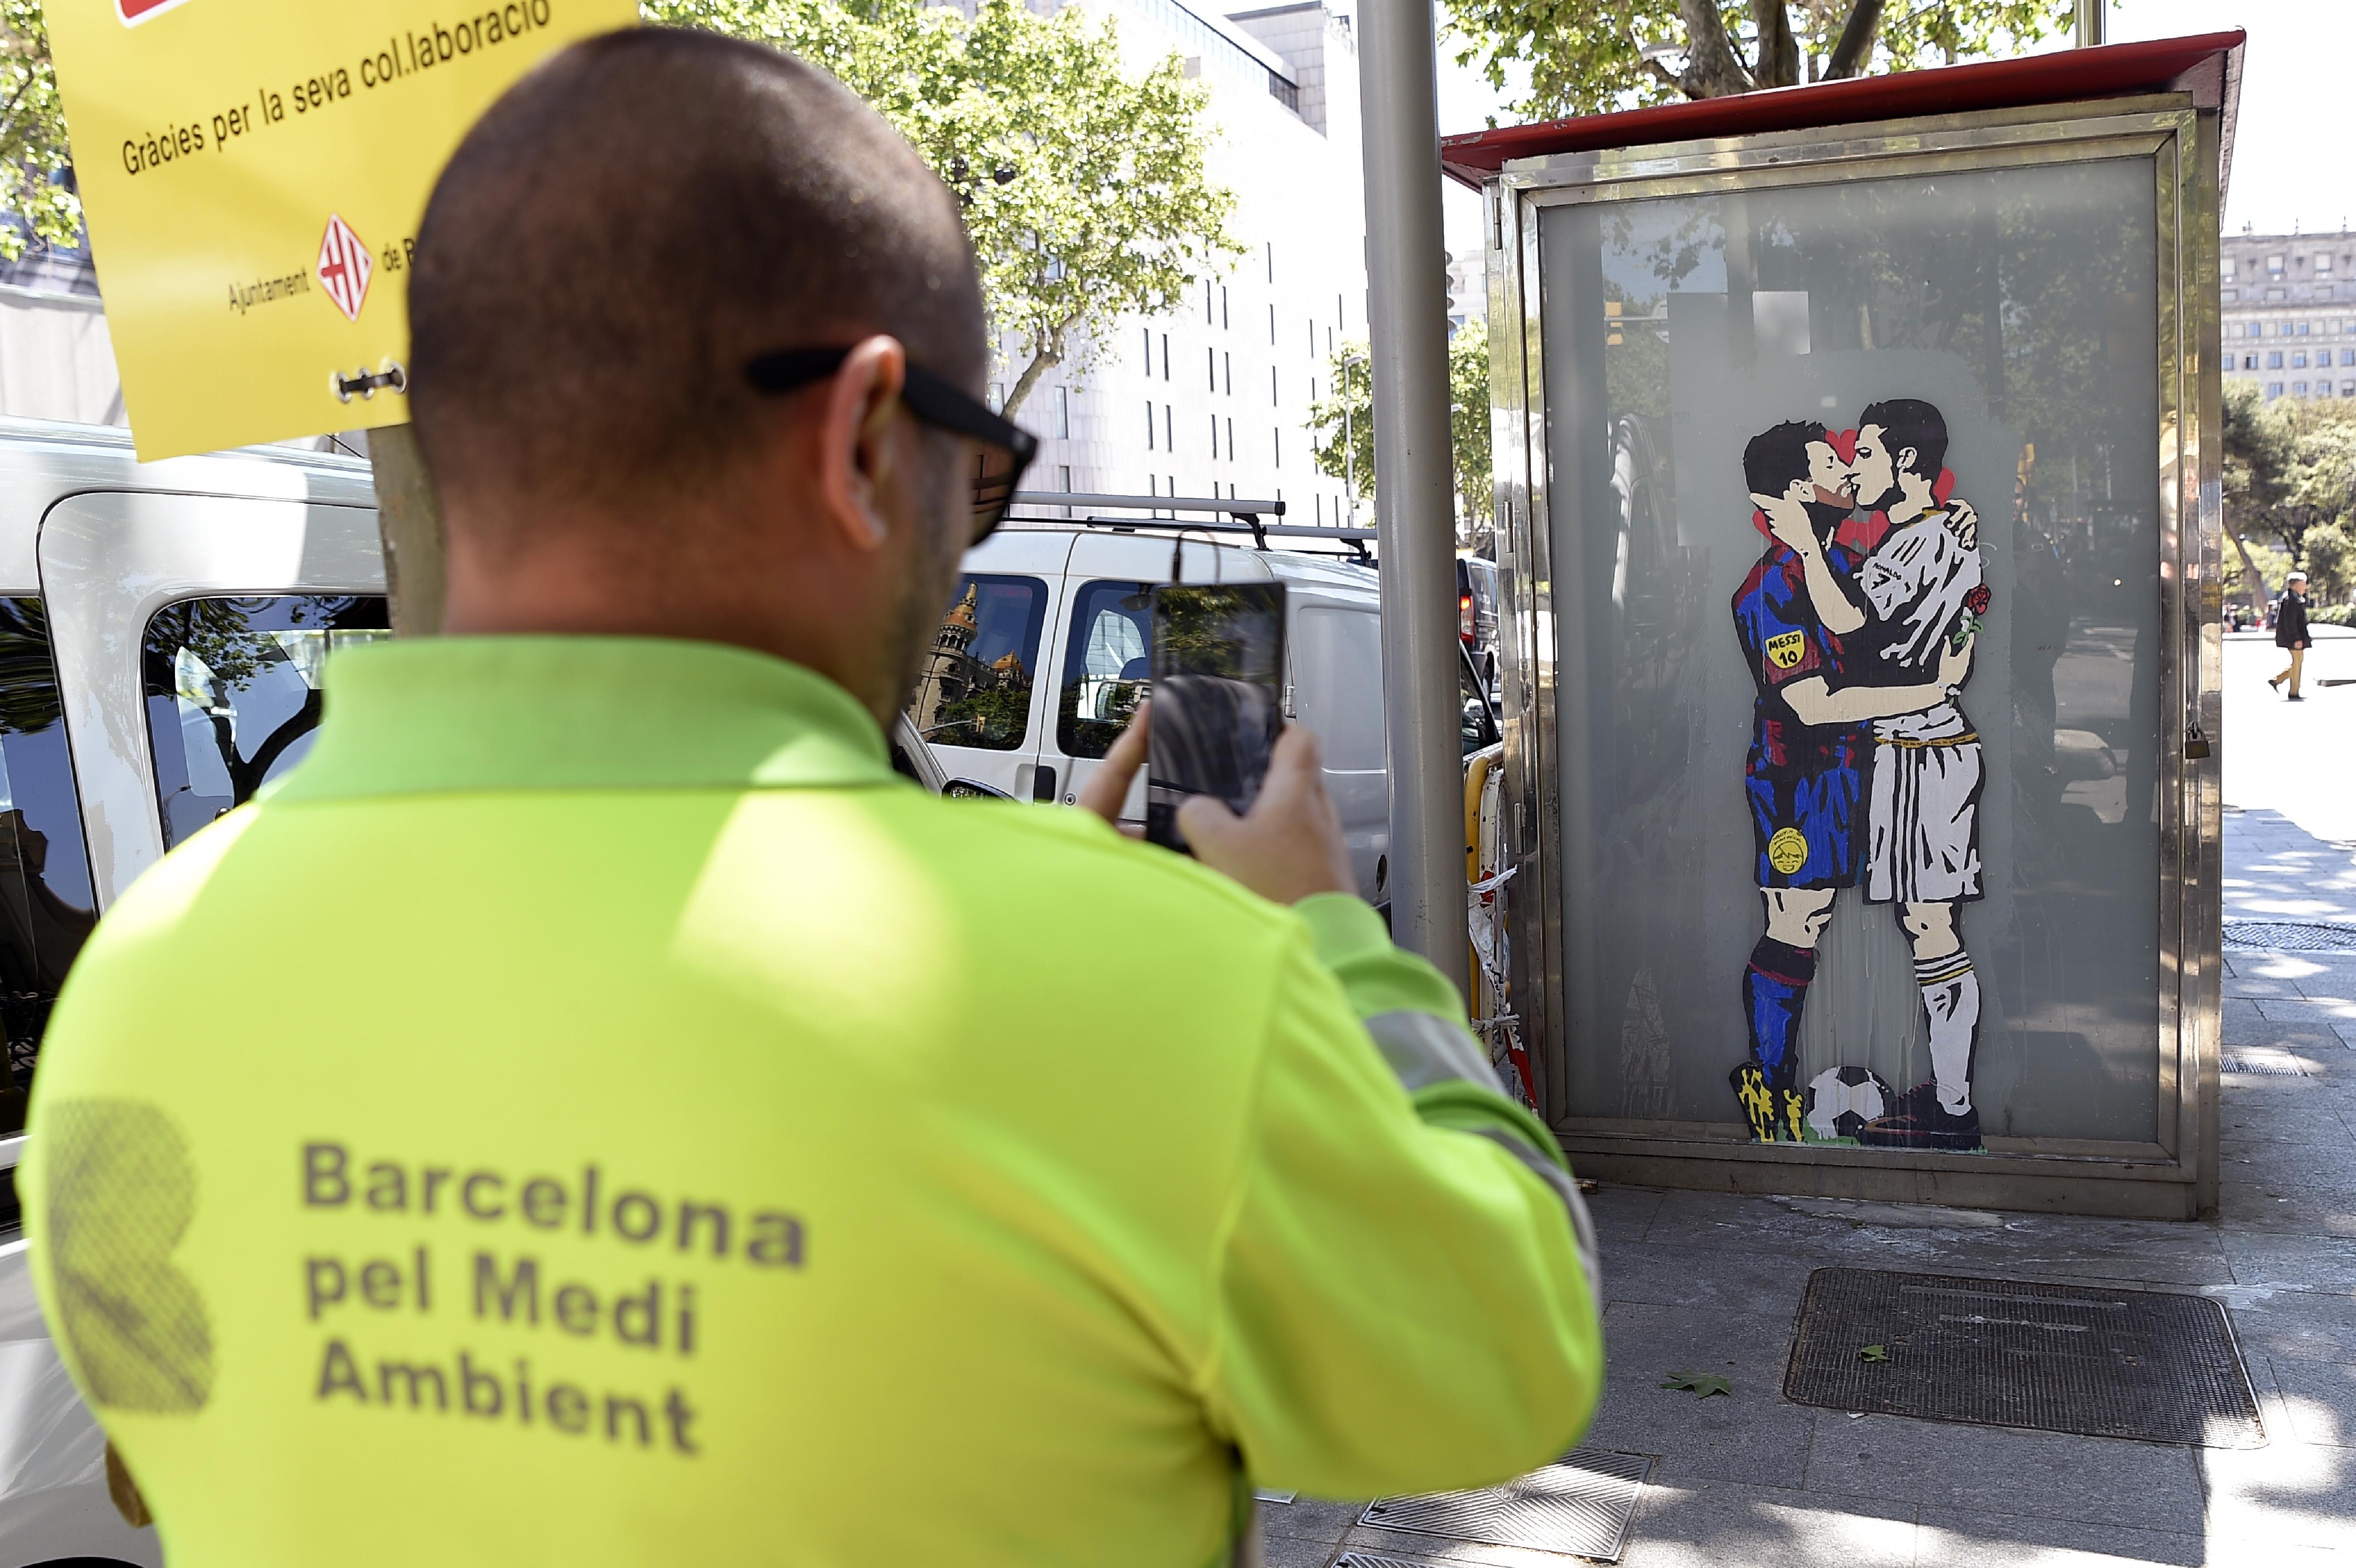 رسم غرافيتي لقبلة ميسي ورنالدو في برشلونة الجمعة